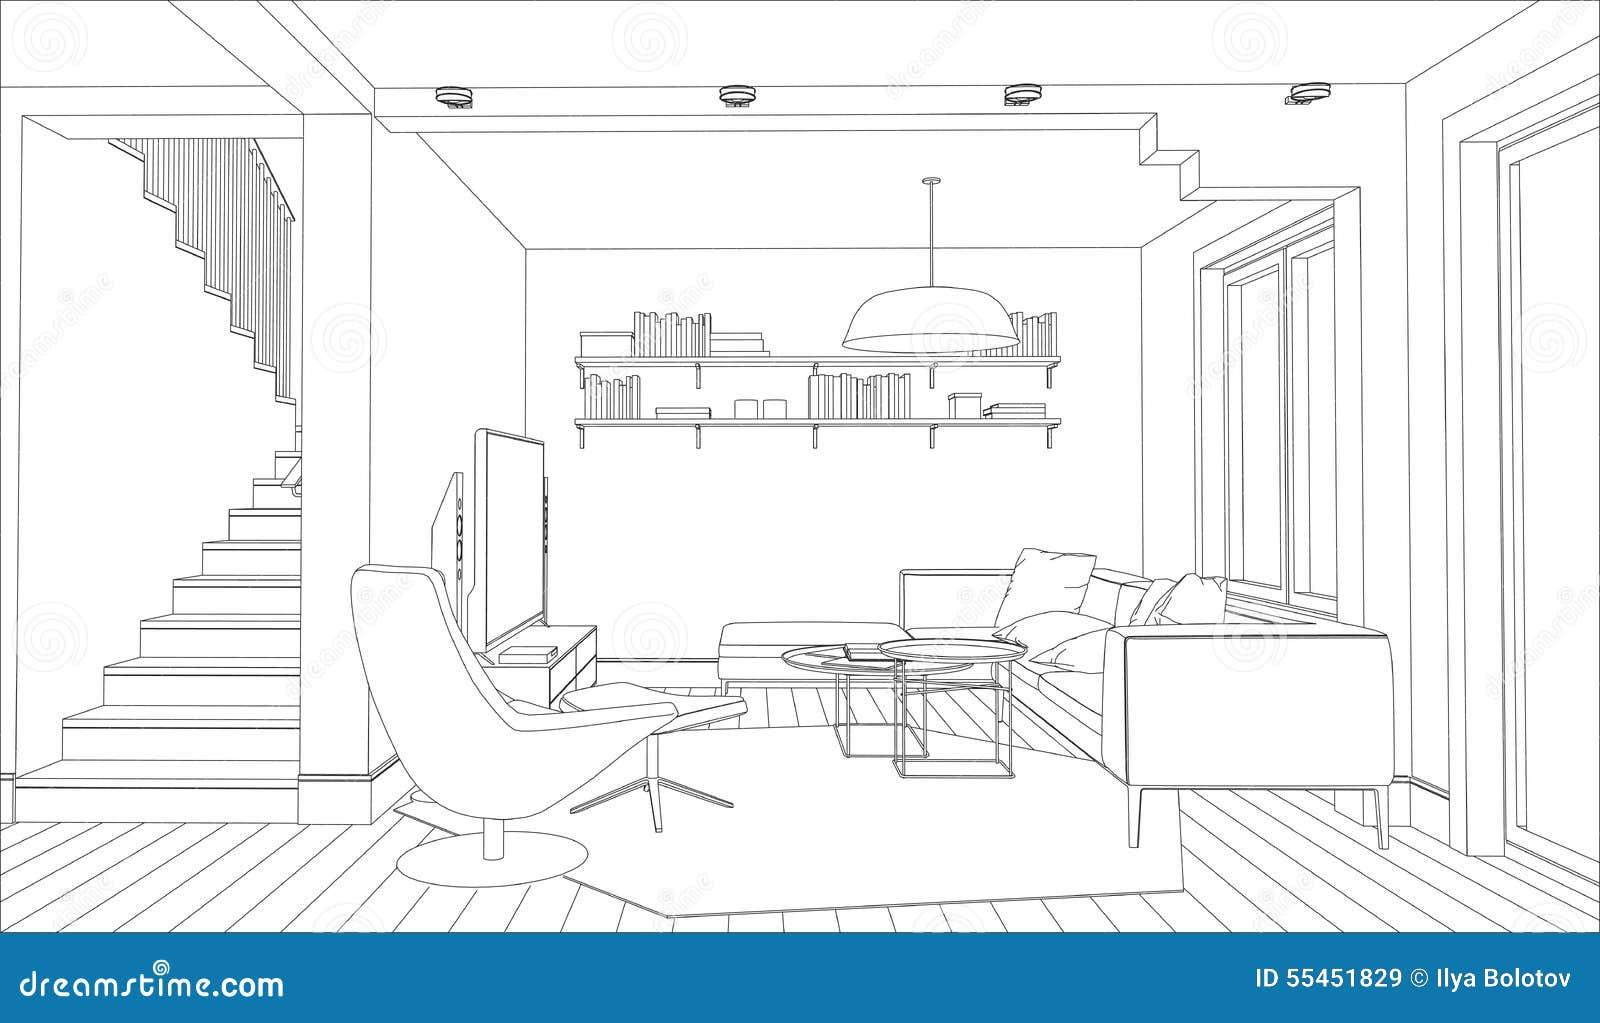 Interior Design Line Art : Sketch interior perspective living book shelf black and